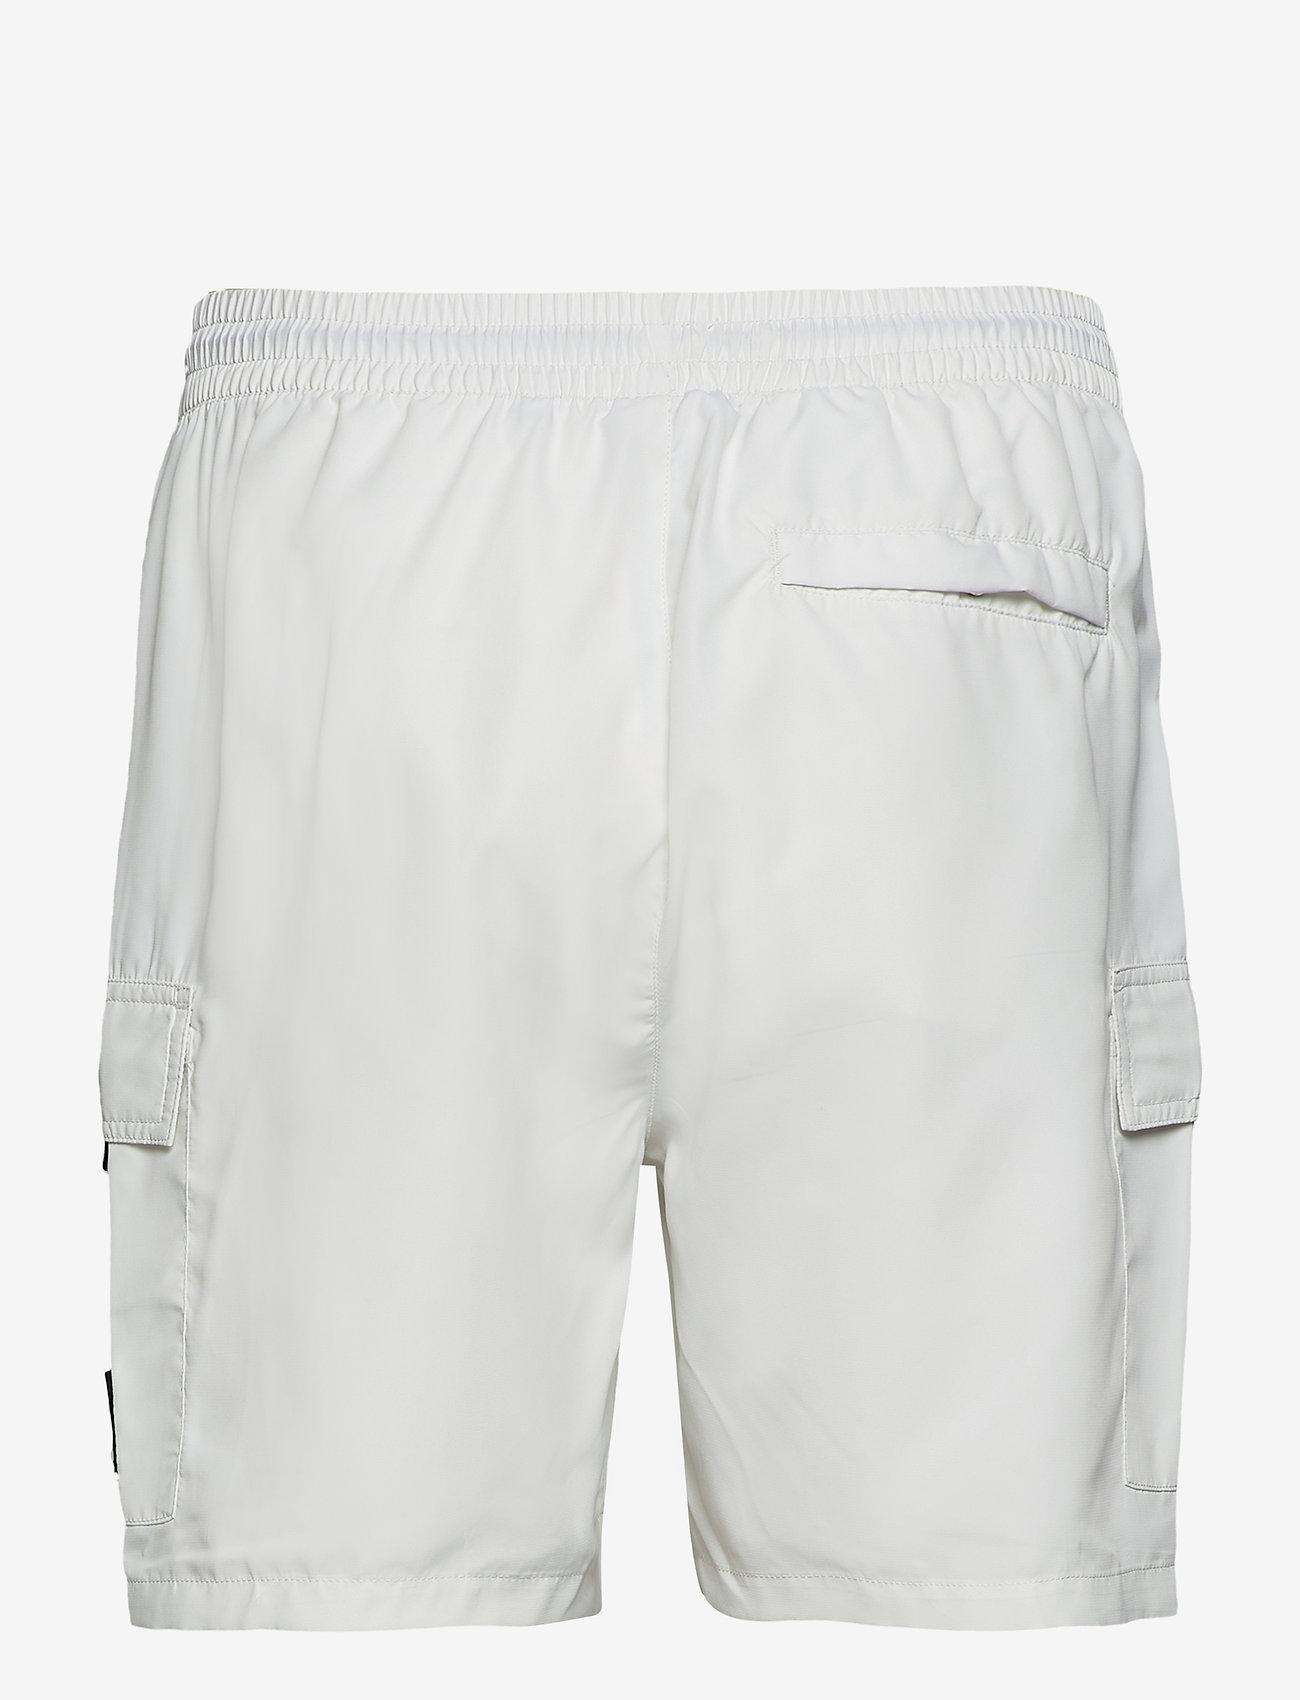 FILA - MEN COLM woven shorts - short décontracté - blanc de blanc - 1